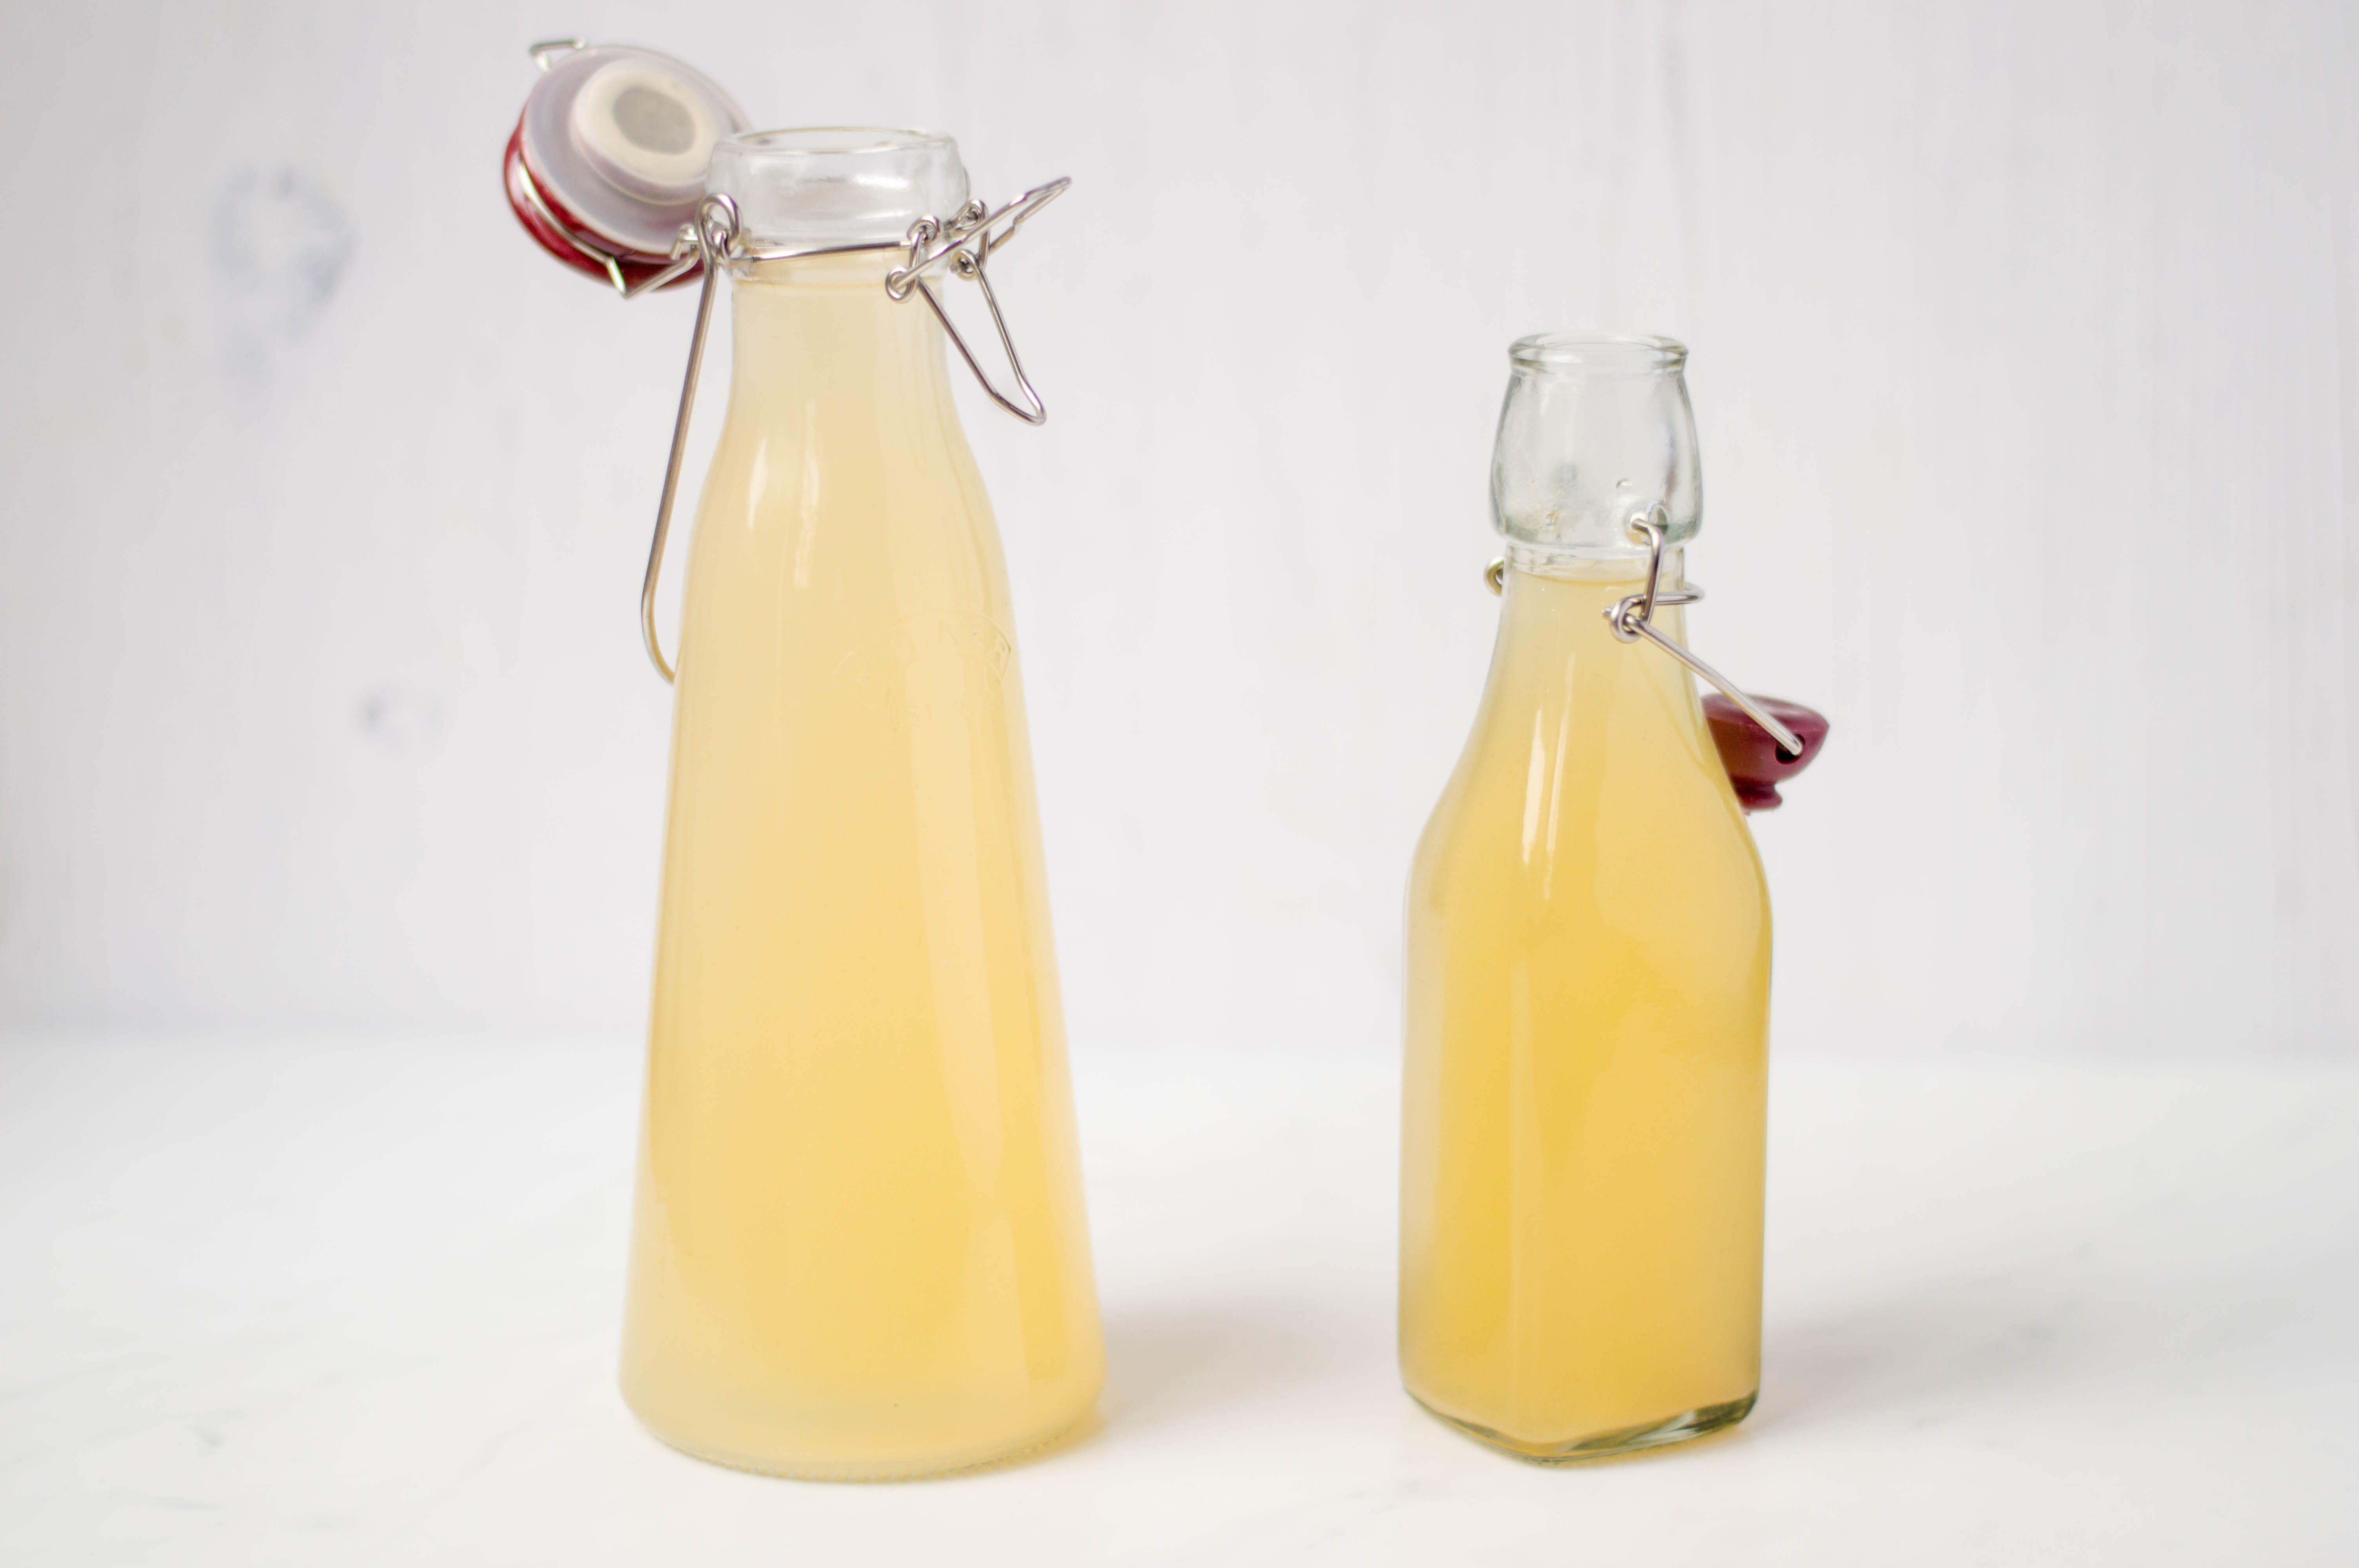 Barley water in bottles